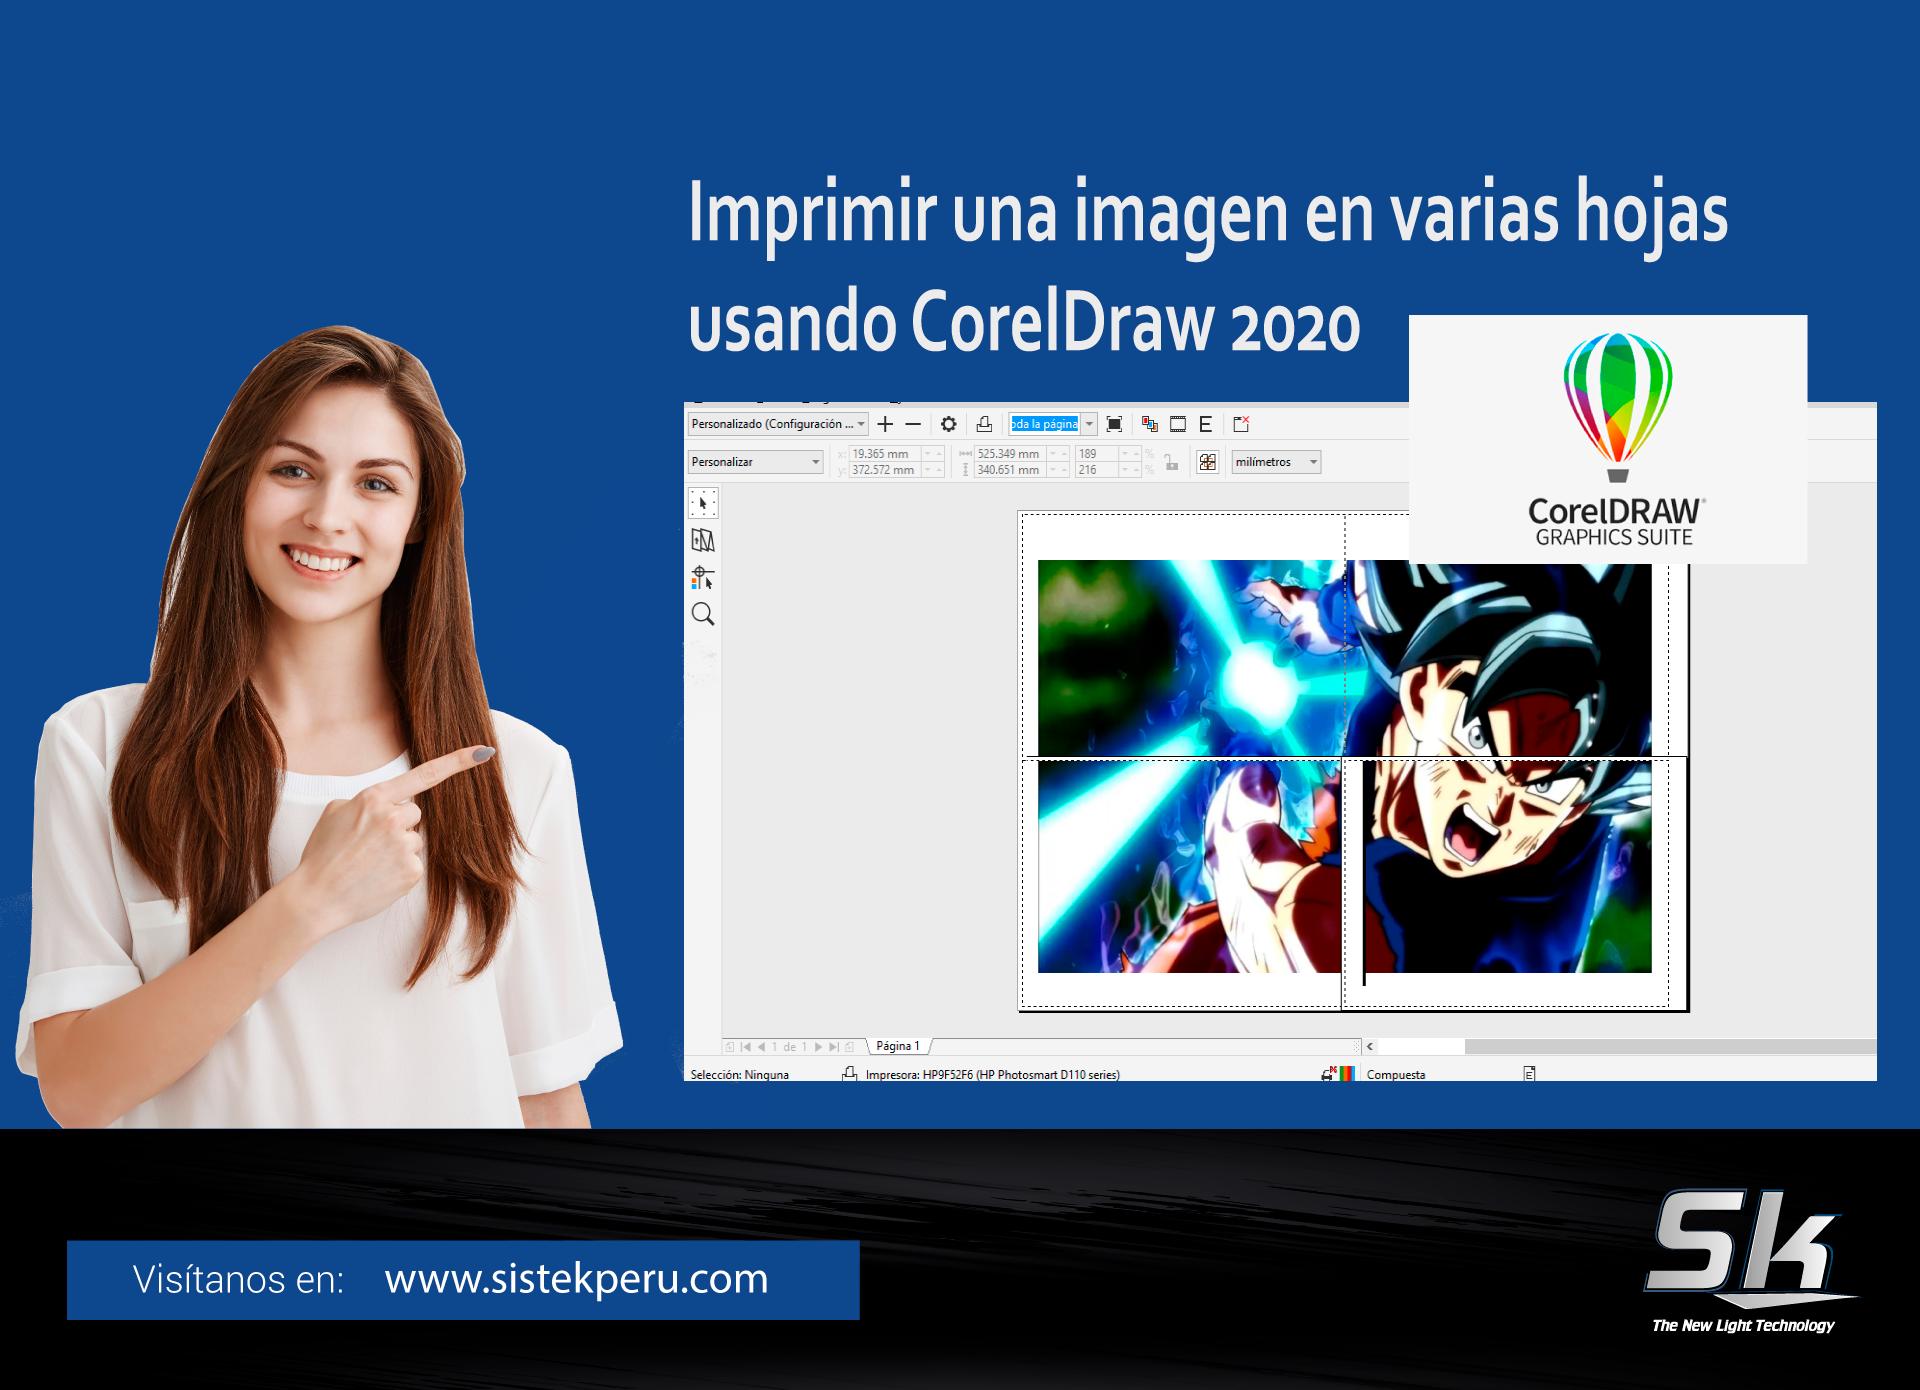 Imprimir una imagen en varias hojas usando Corel Draw